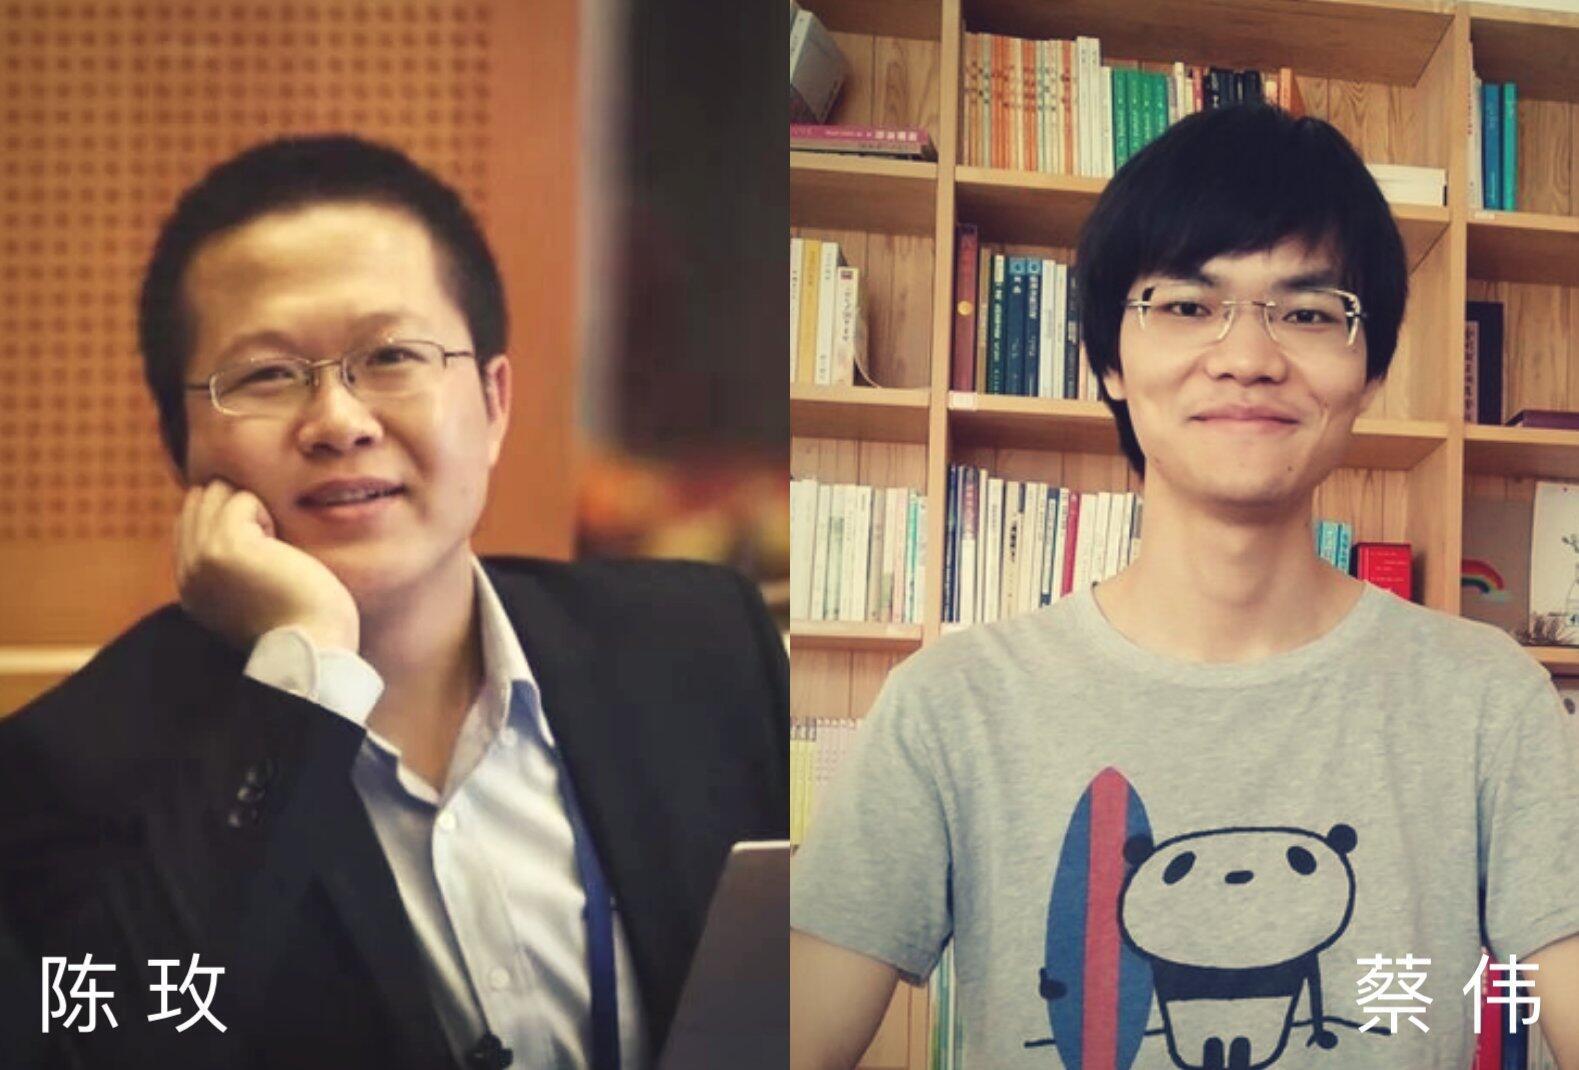 Chine - Droits de l'homme Chen Mei - Cai Wei